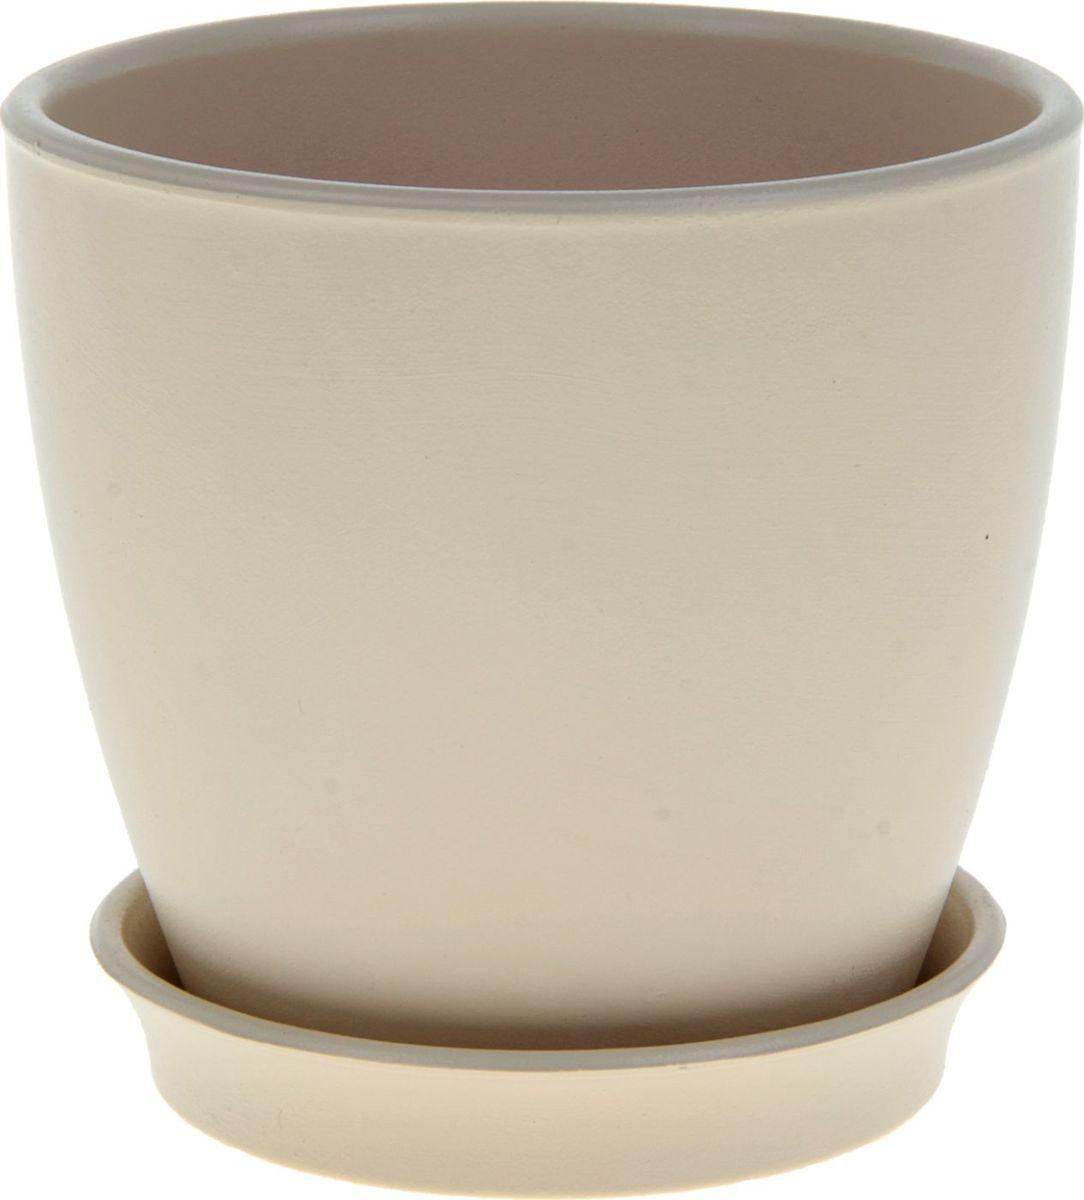 Кашпо Керамика ручной работы Виктория, цвет: бежевый, 1 л подставки для кашпо